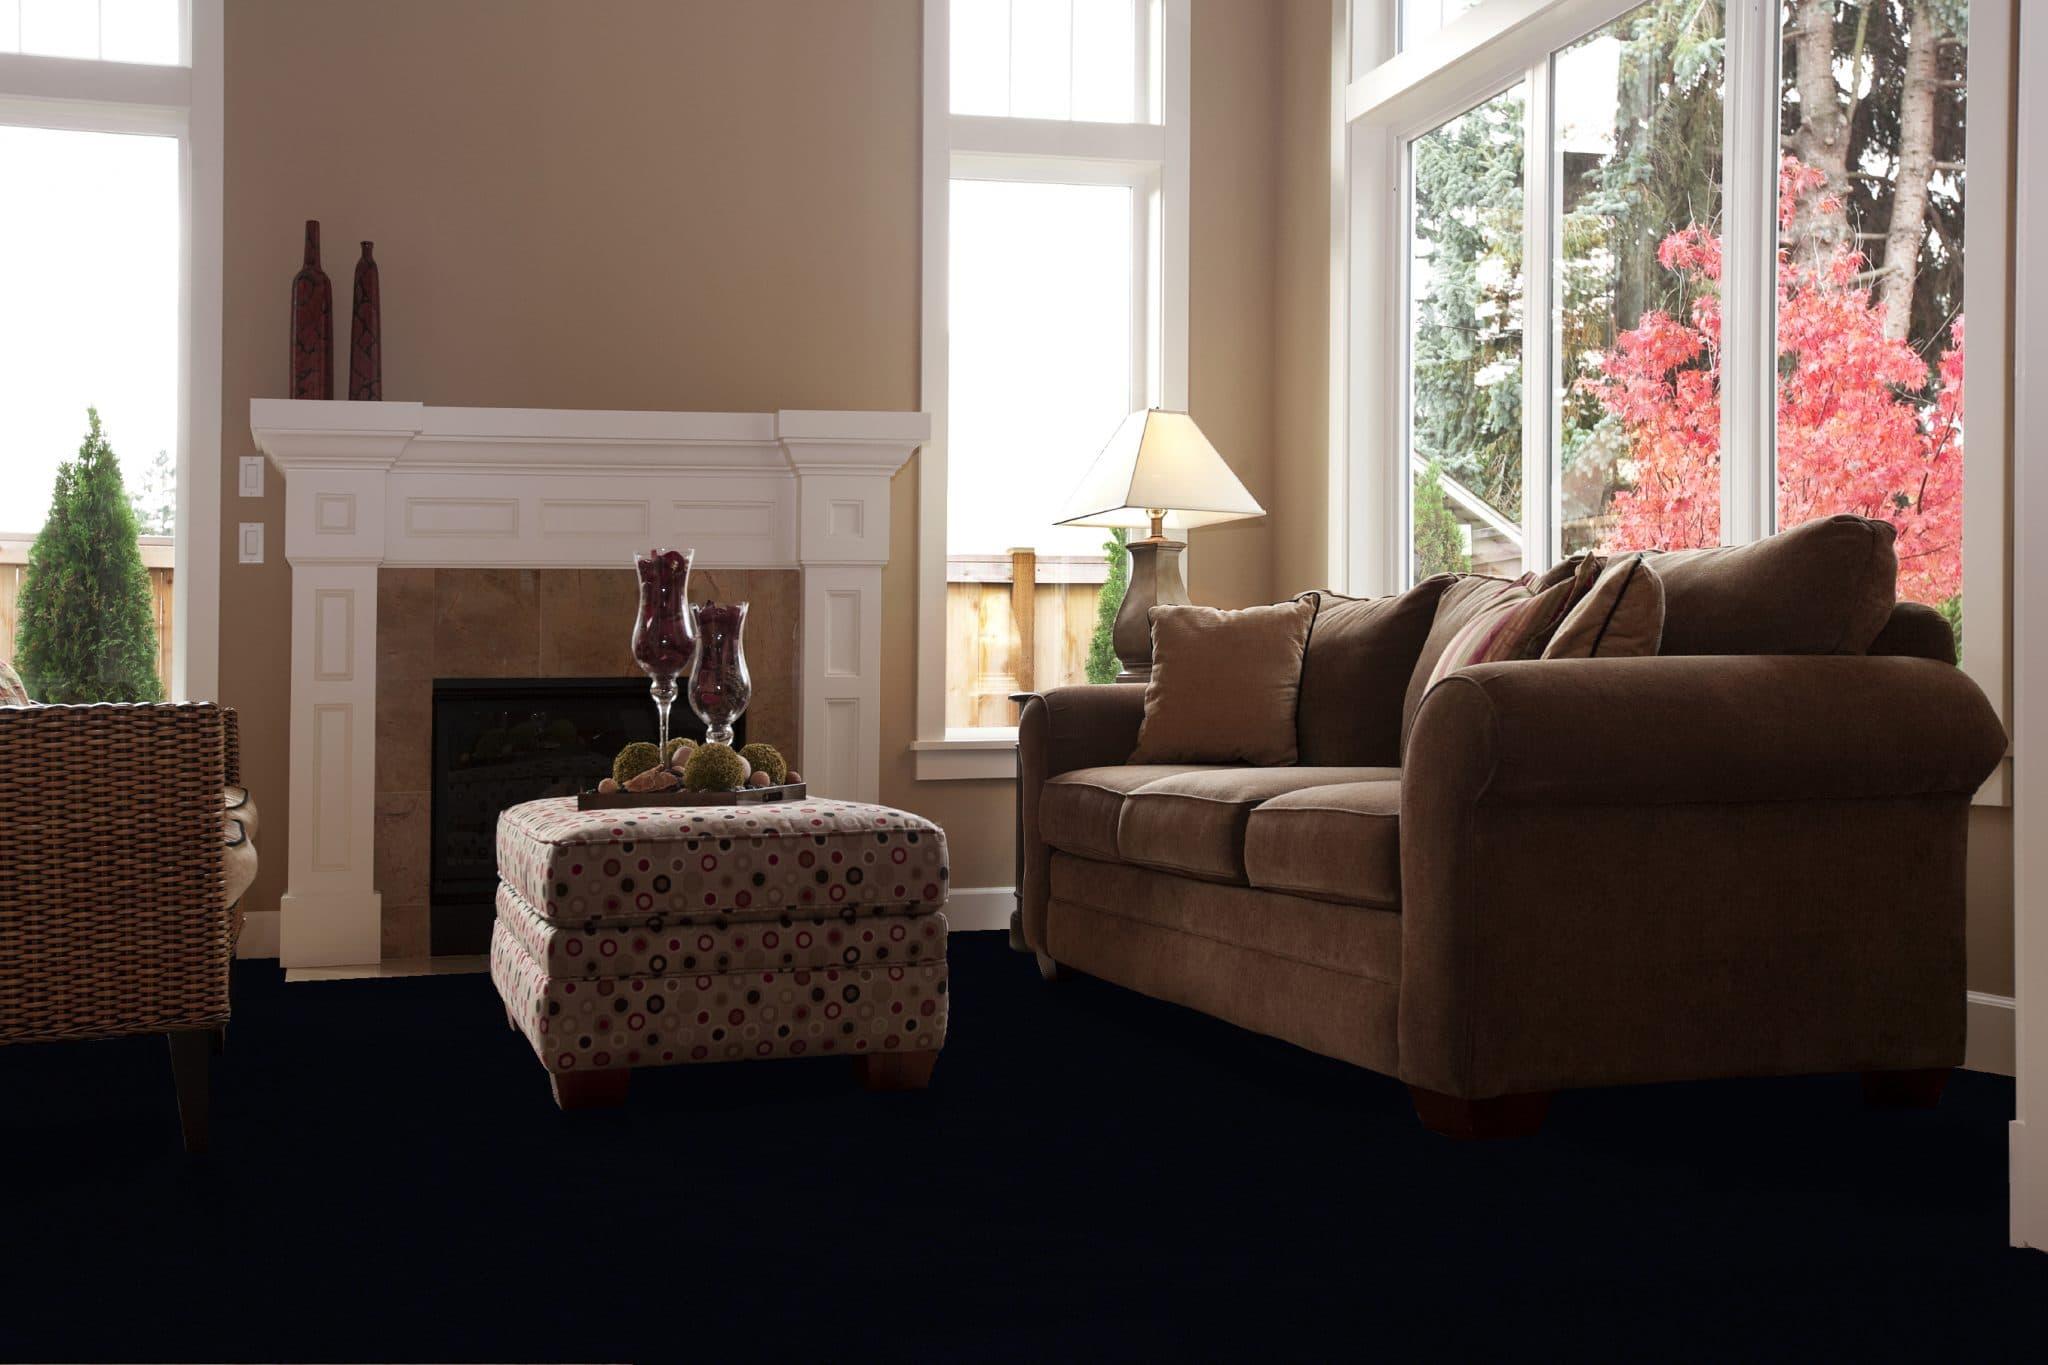 Chteau Edinburgh Classic Minster Installation Shot - Woven Axminster Carpet